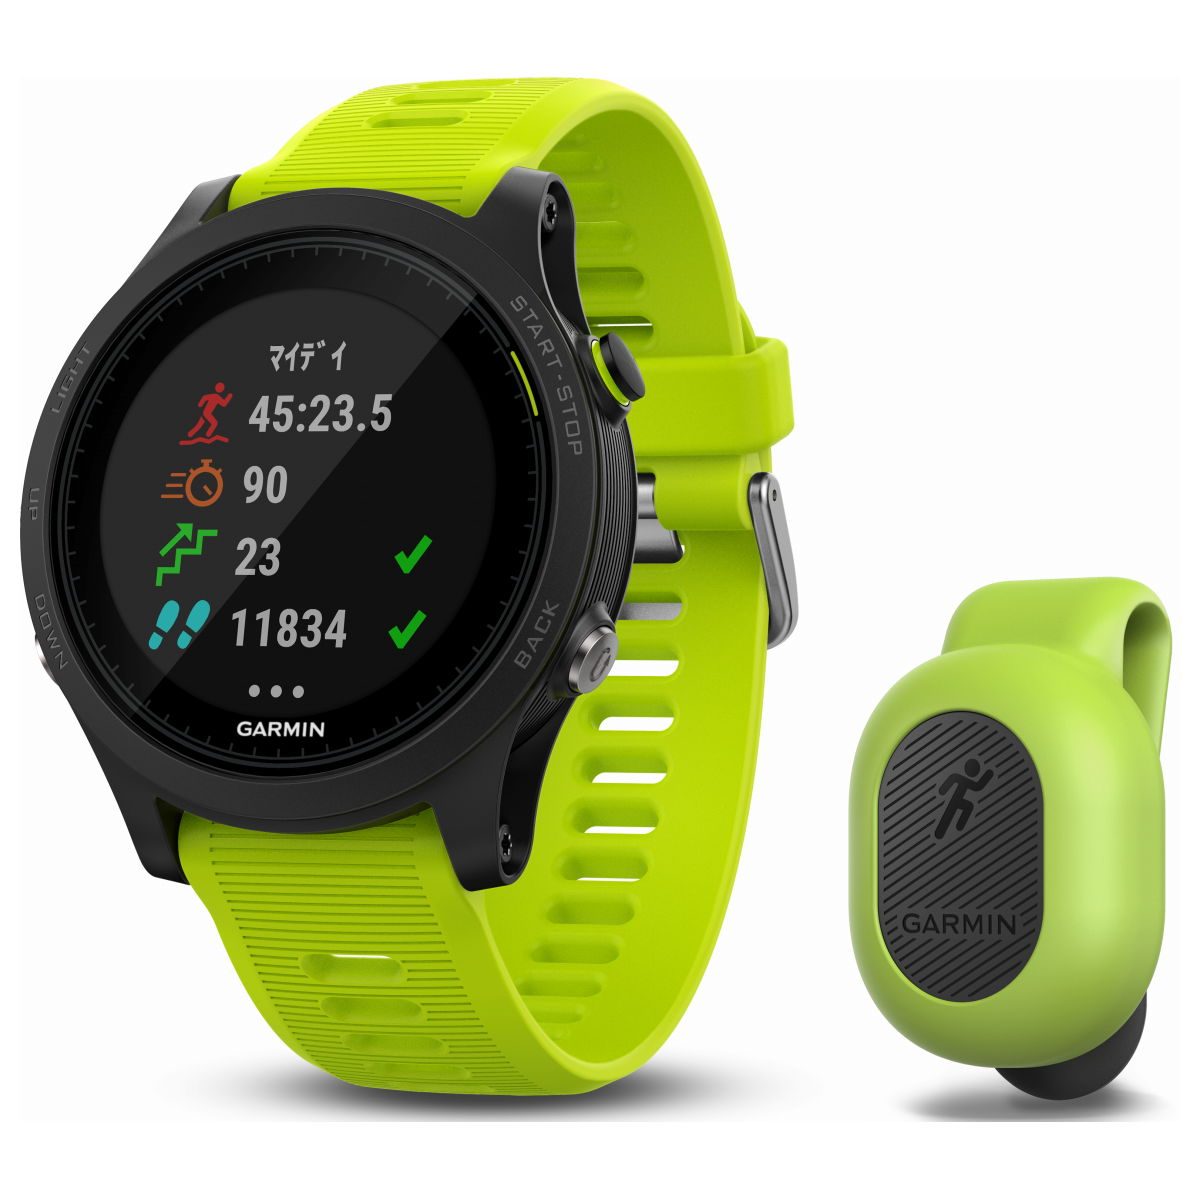 ガーミン GARMIN フォーアスリート935 ForeAthlete935 Yellow スマートウォッチ ウェアラブル端末 腕時計 メンズ レディース 010-01746-15